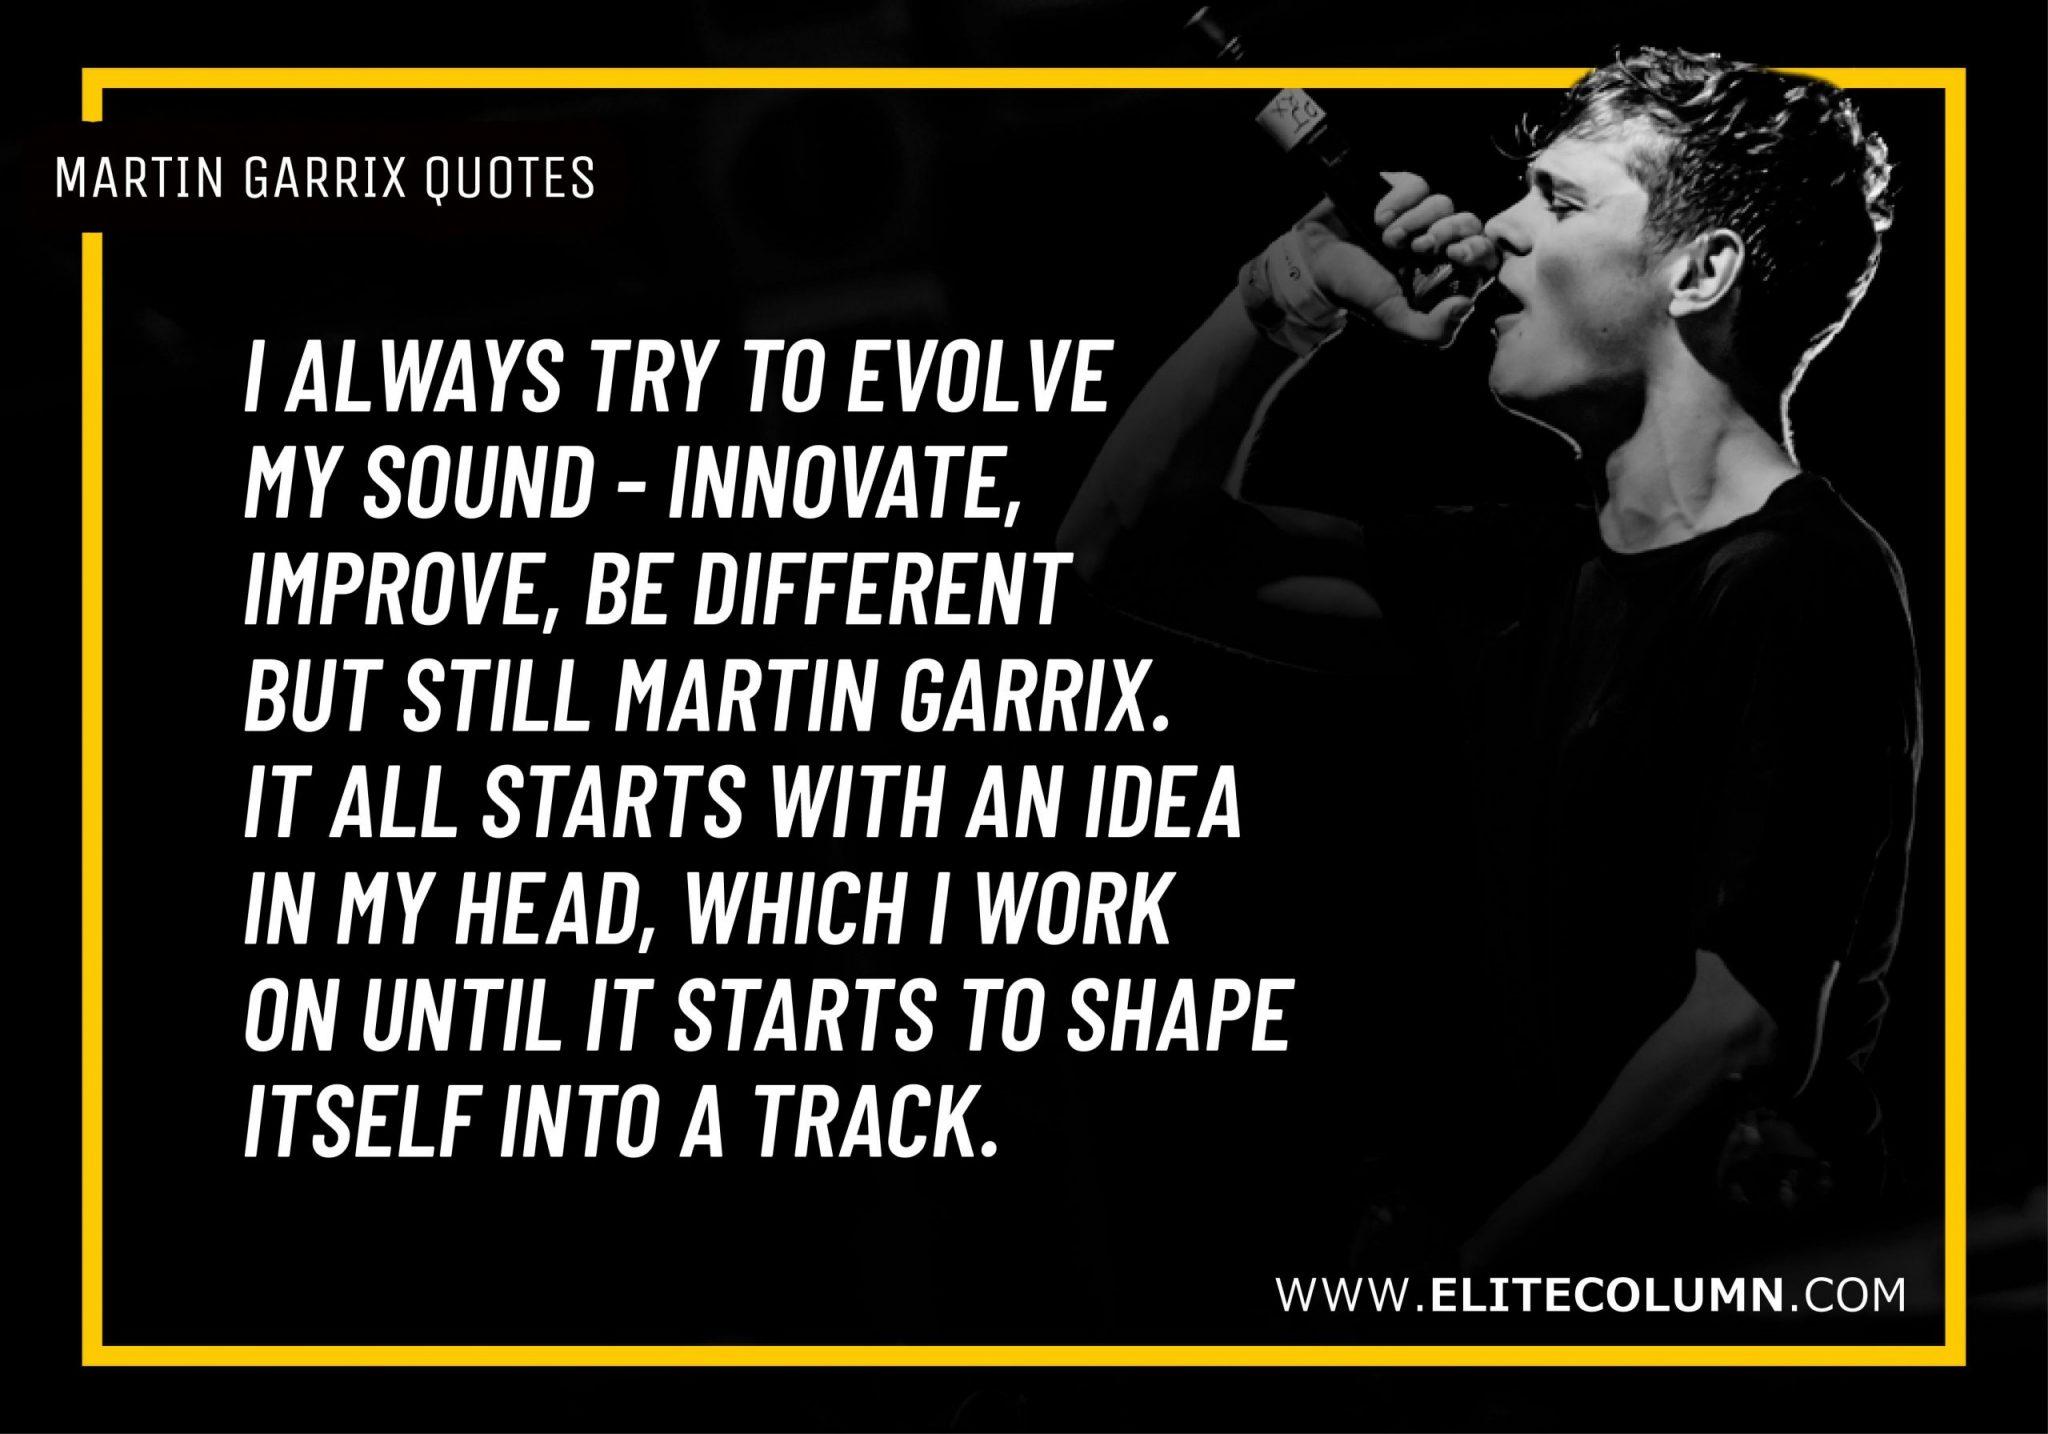 Martin Garrix Quotes (10)